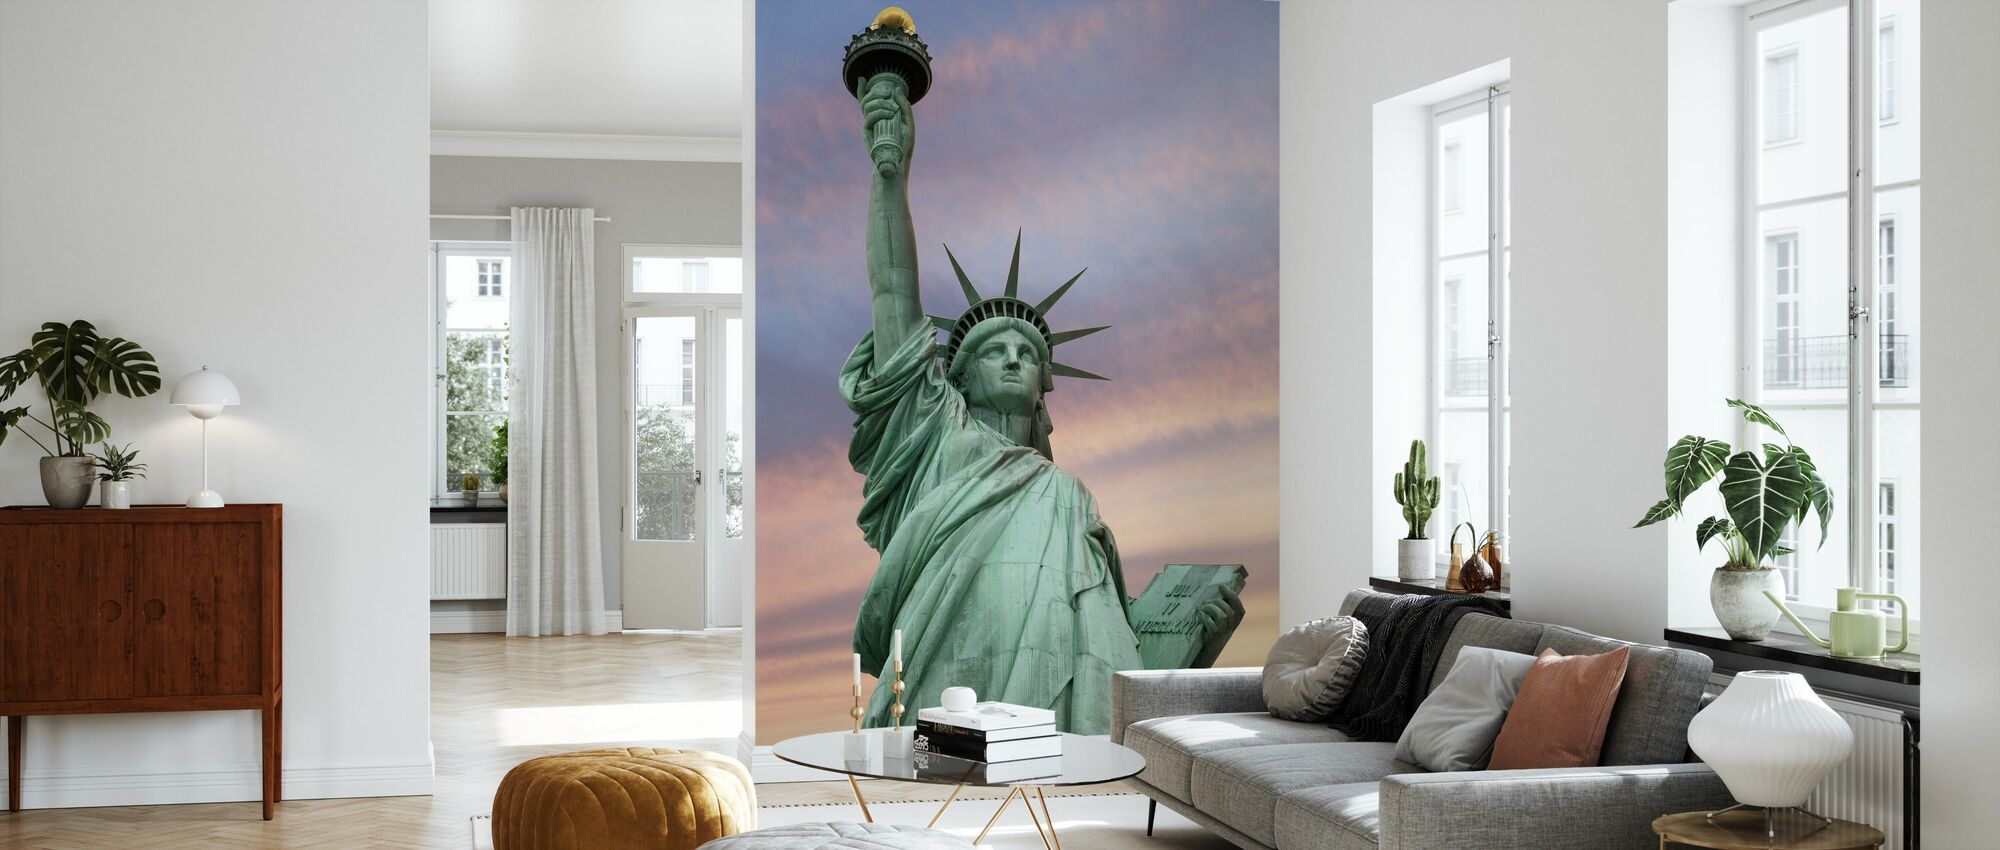 Frihedsgudinden under en levende himmel - Tapet - Stue